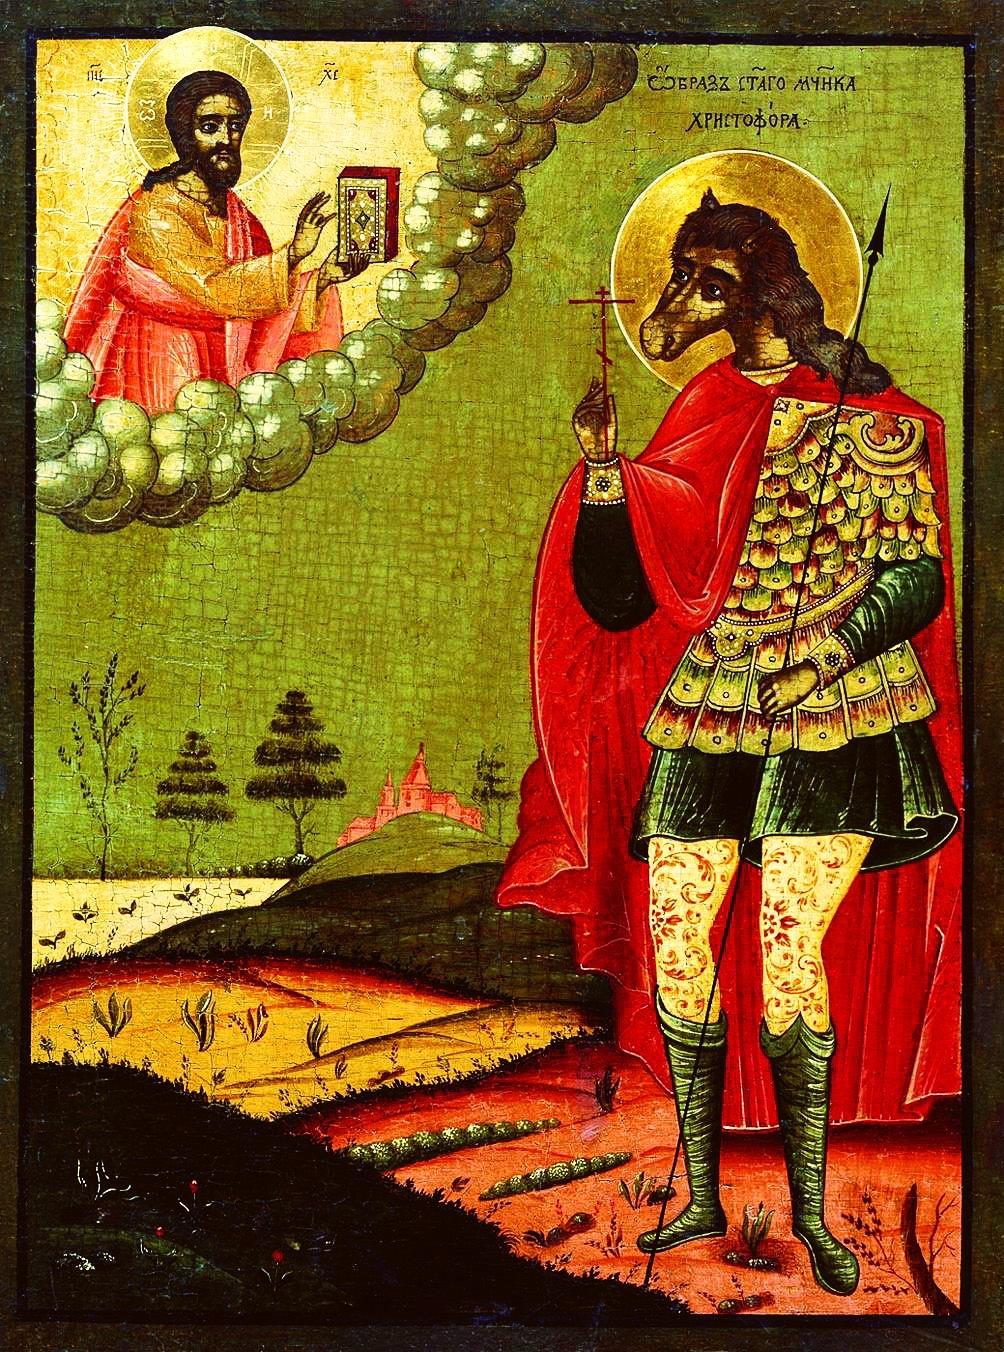 Икона Святой Мученик Христофор XVII век